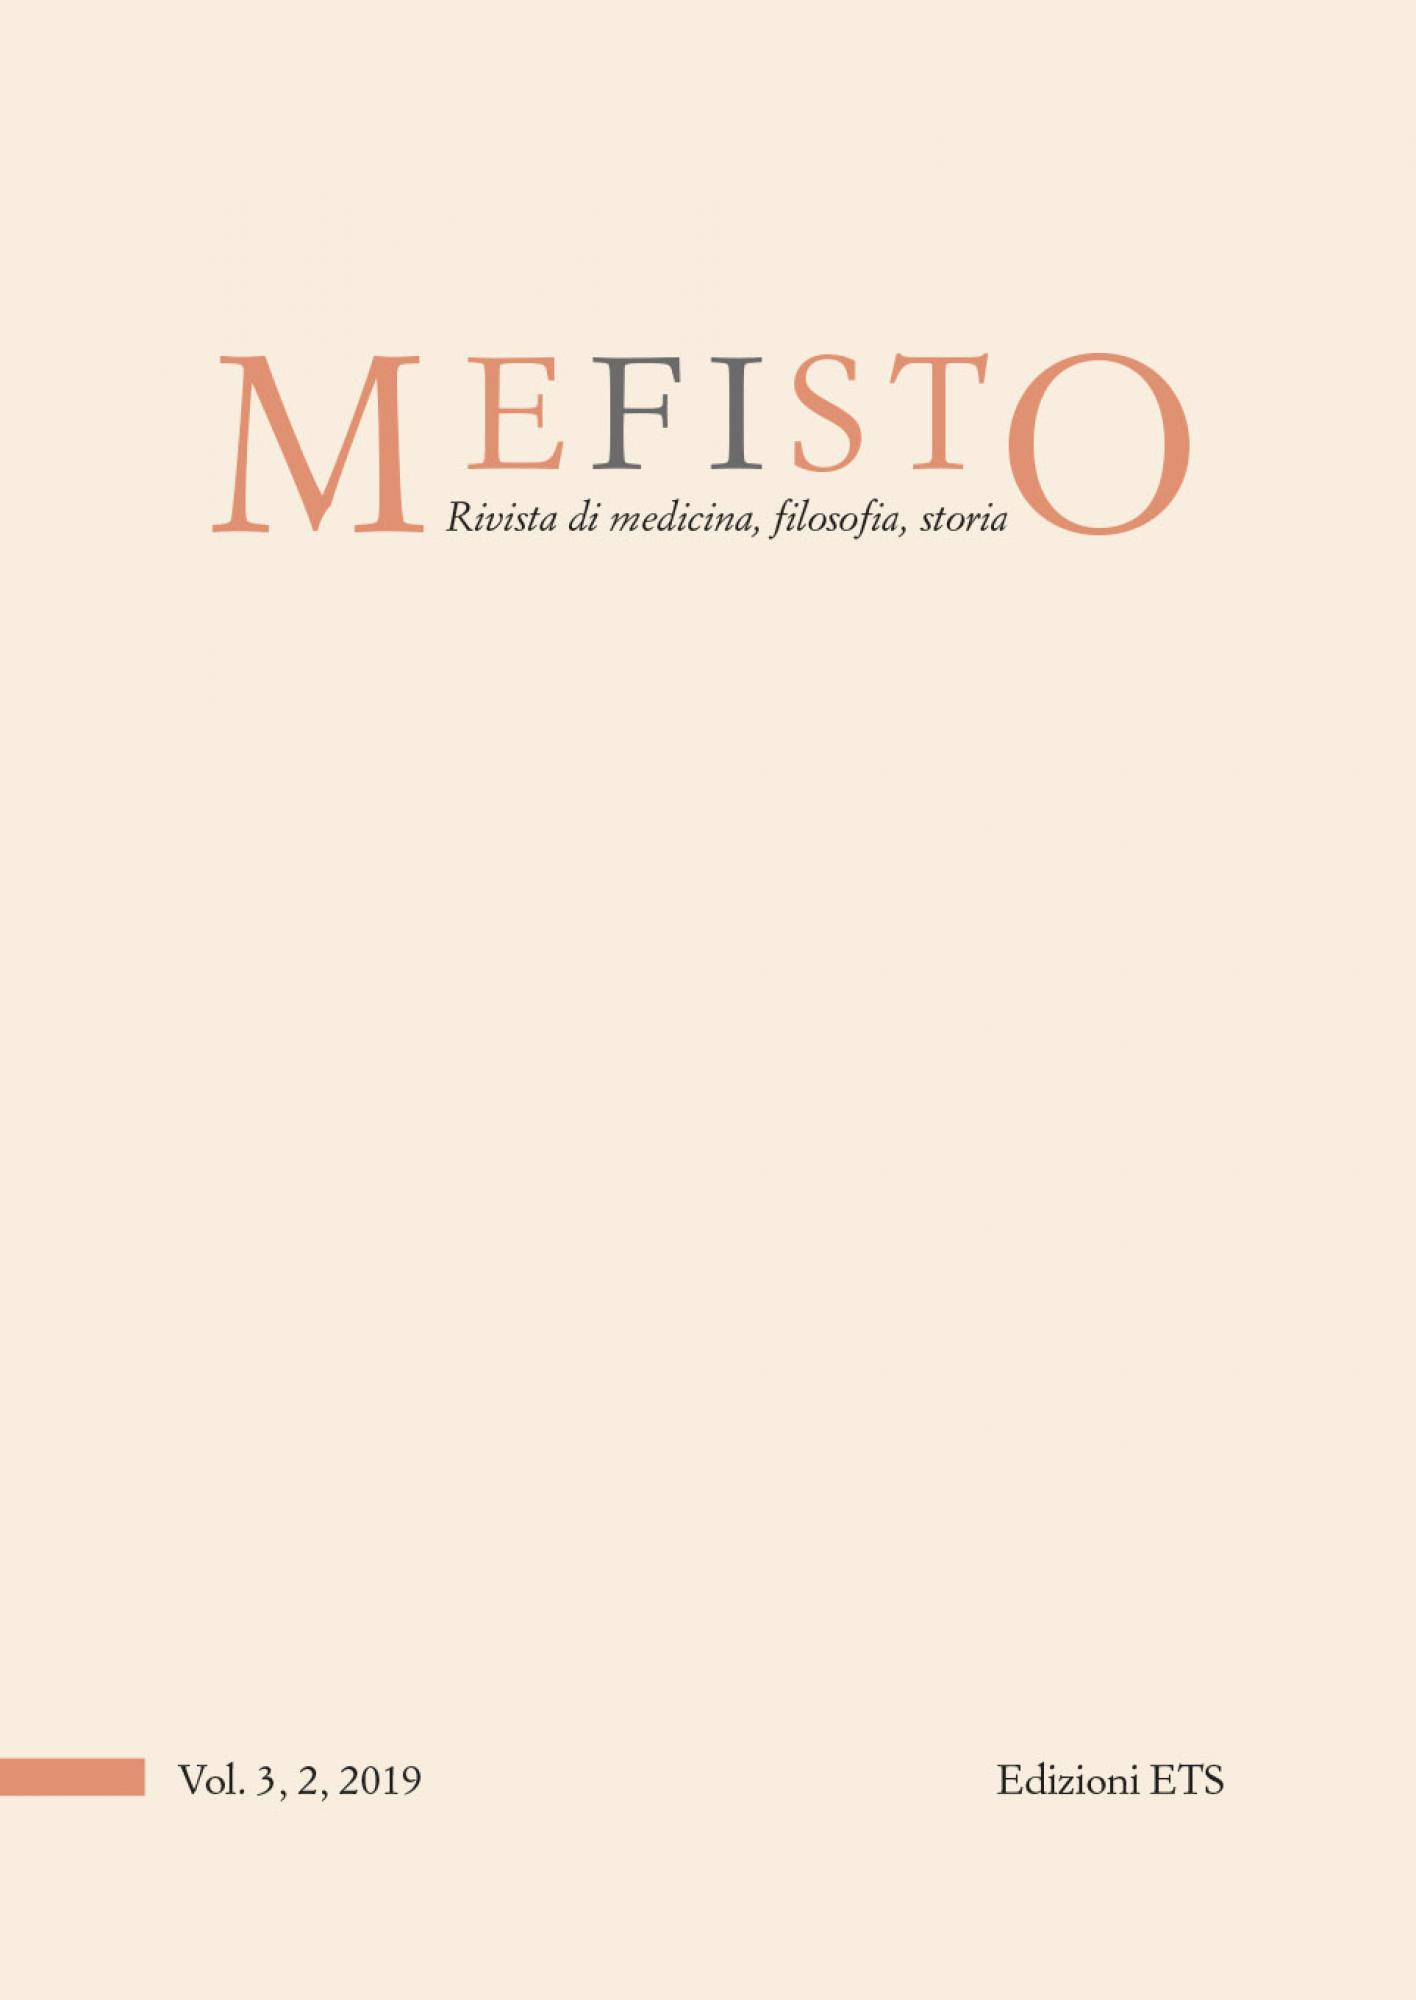 MEFISTO. Rivista di medicina, filosofia, storia.Musei, memorie e narrazioni per la salute mentale - Vol. 3, 2, 2019 (già Medicina&Storia)